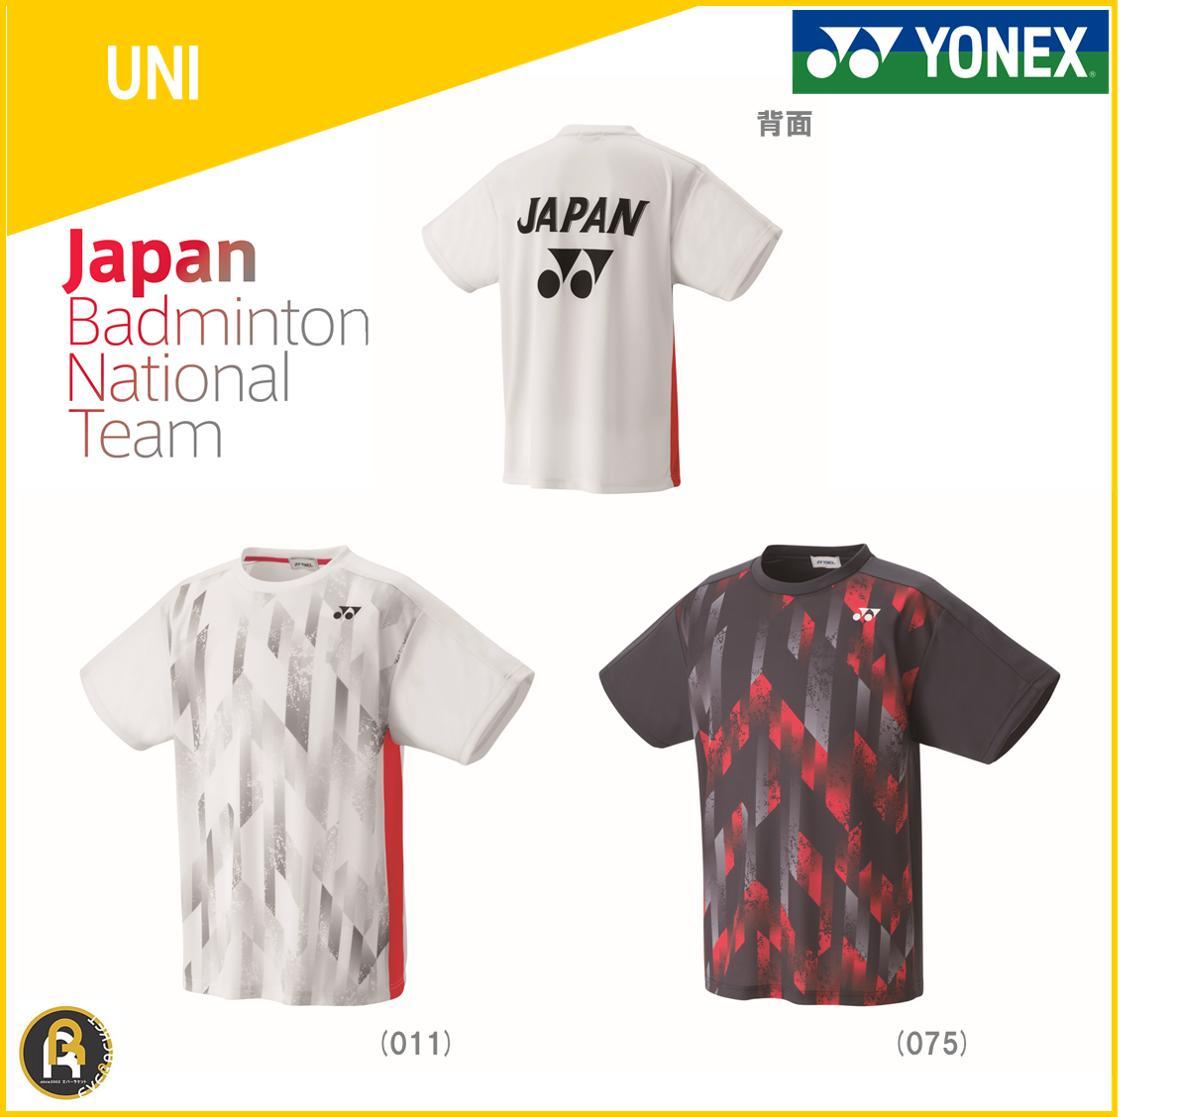 YONEX尤尼克斯日本国家队JP版16351球迷款羽毛球短袖运动T恤队服